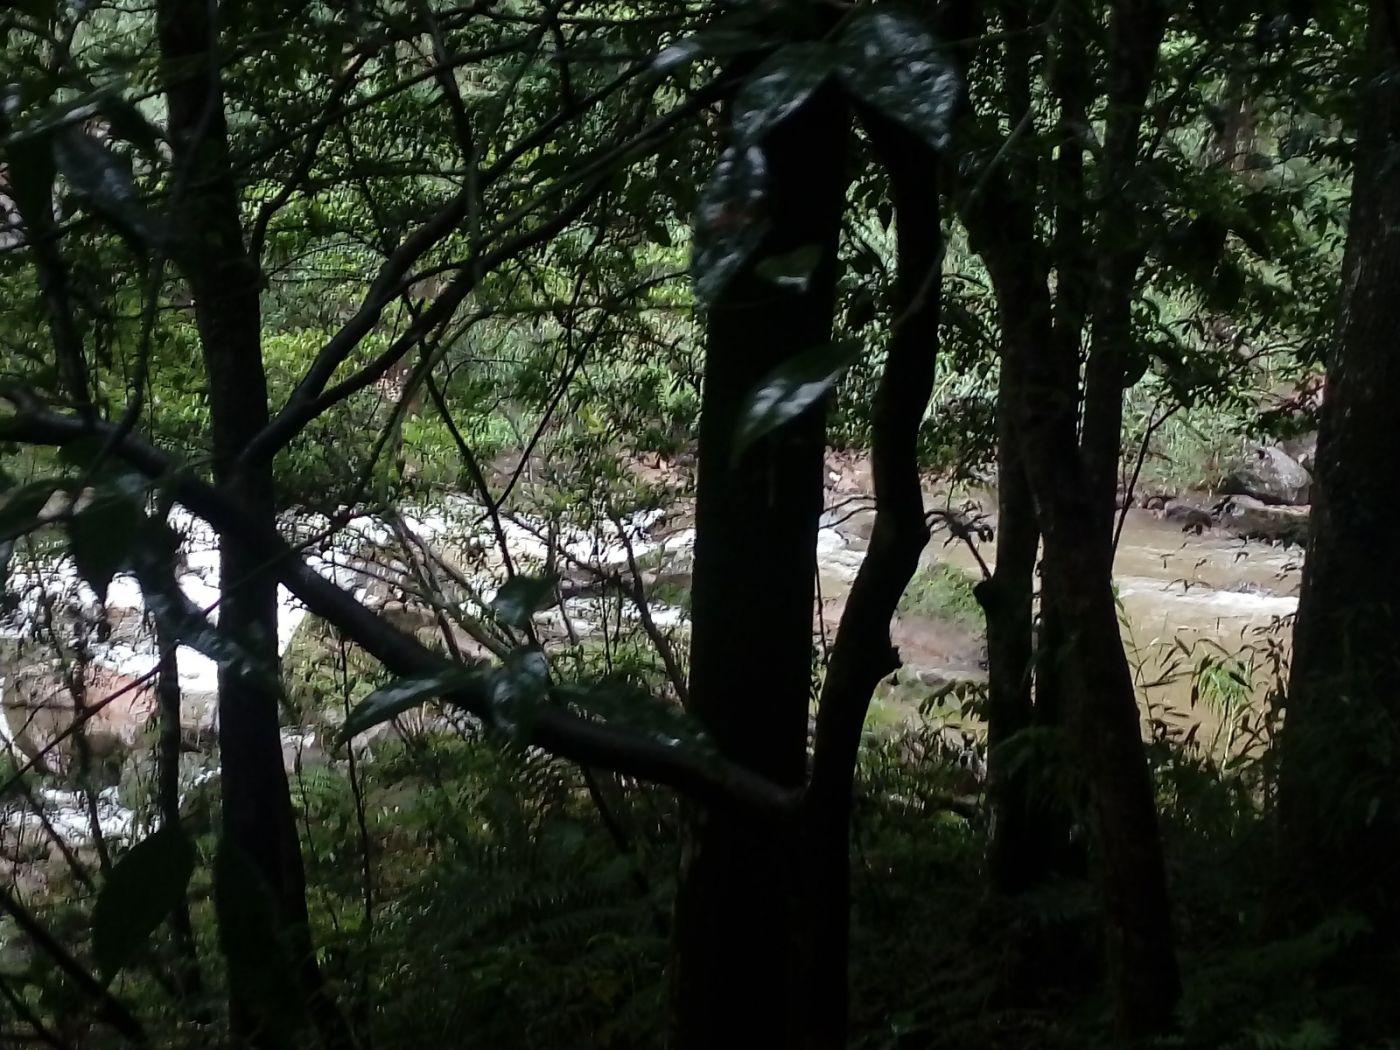 孕育了天赐尤物茅台酒的山野、林莽、溪流和河水那个空间_图1-10